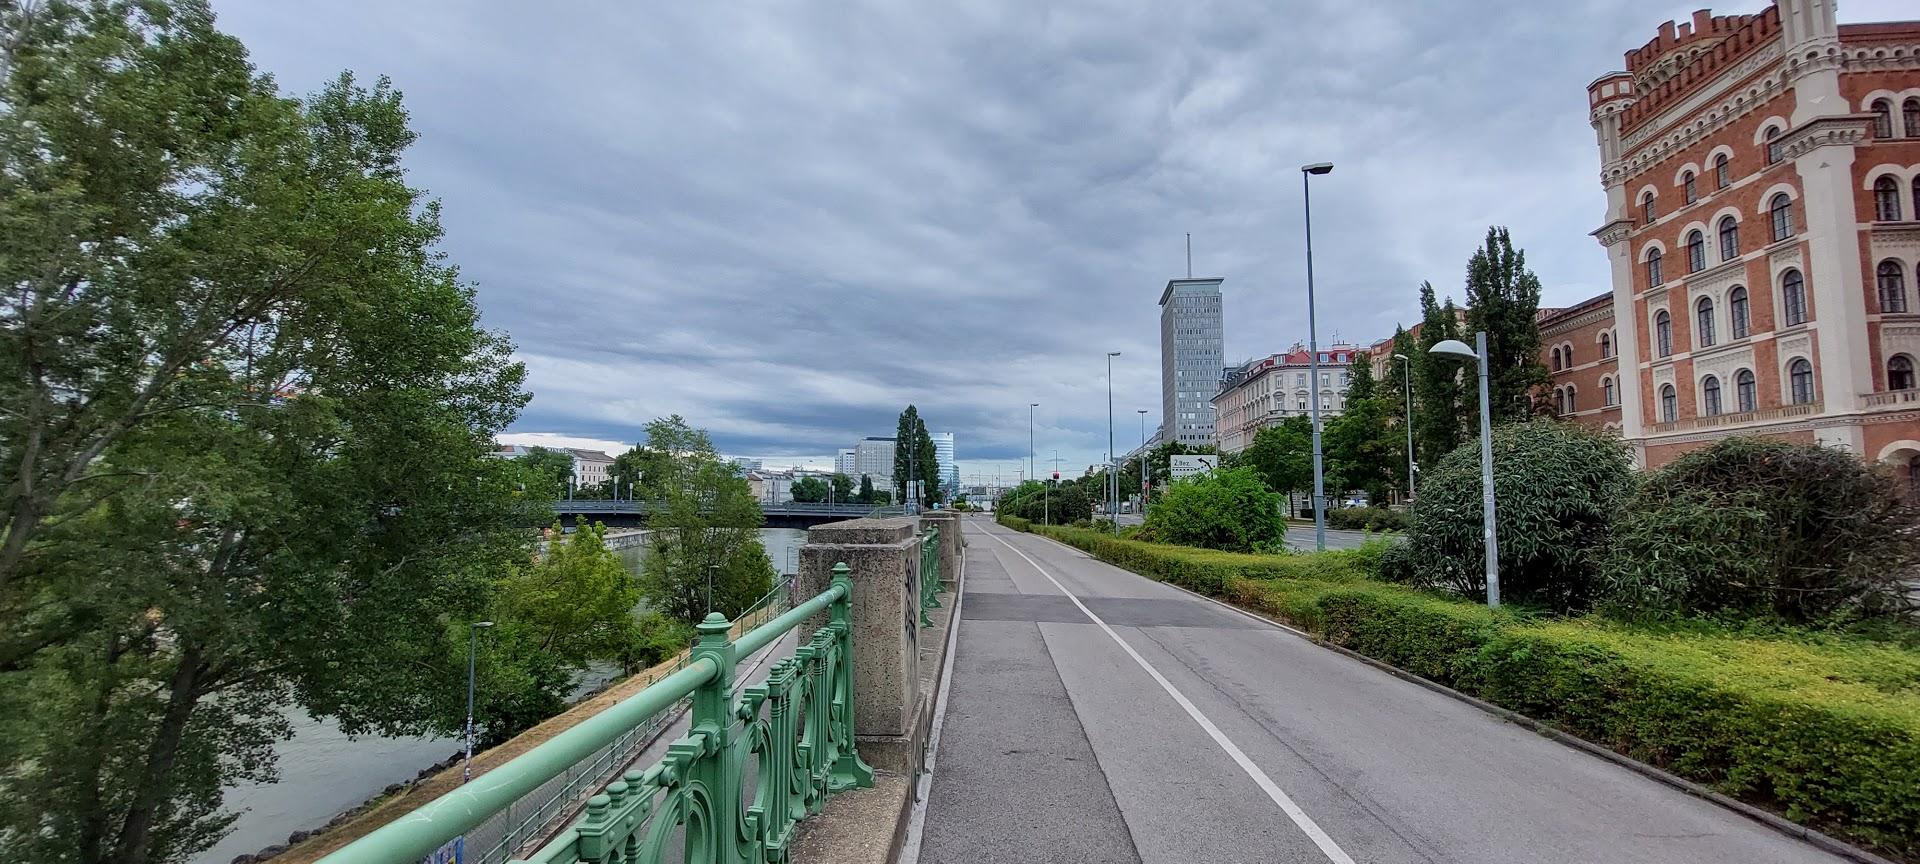 Više od 200 novih zaraza covid-19 u Austriji